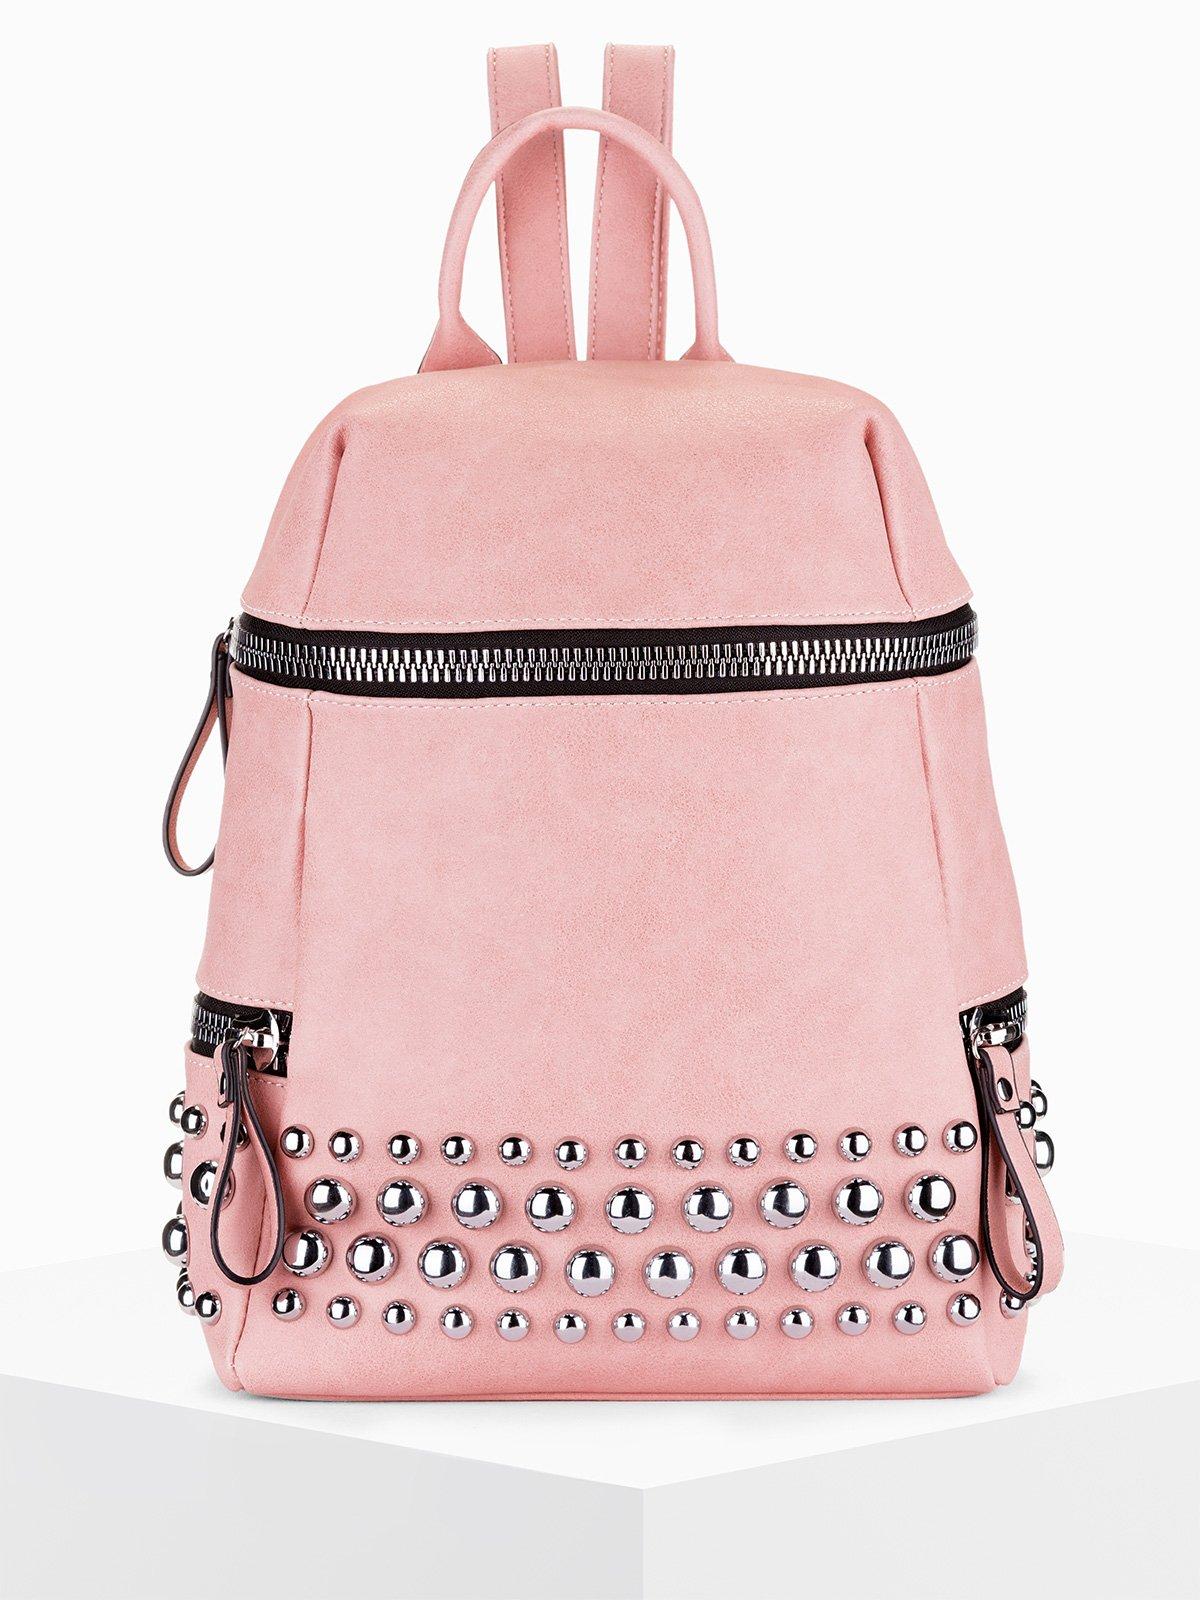 b467c36044df9 Plecak z ćwiekami 115BLR - różowy różowy | Dla niej \ Torebki Dla niej \  Wszystkie - Edoti.com